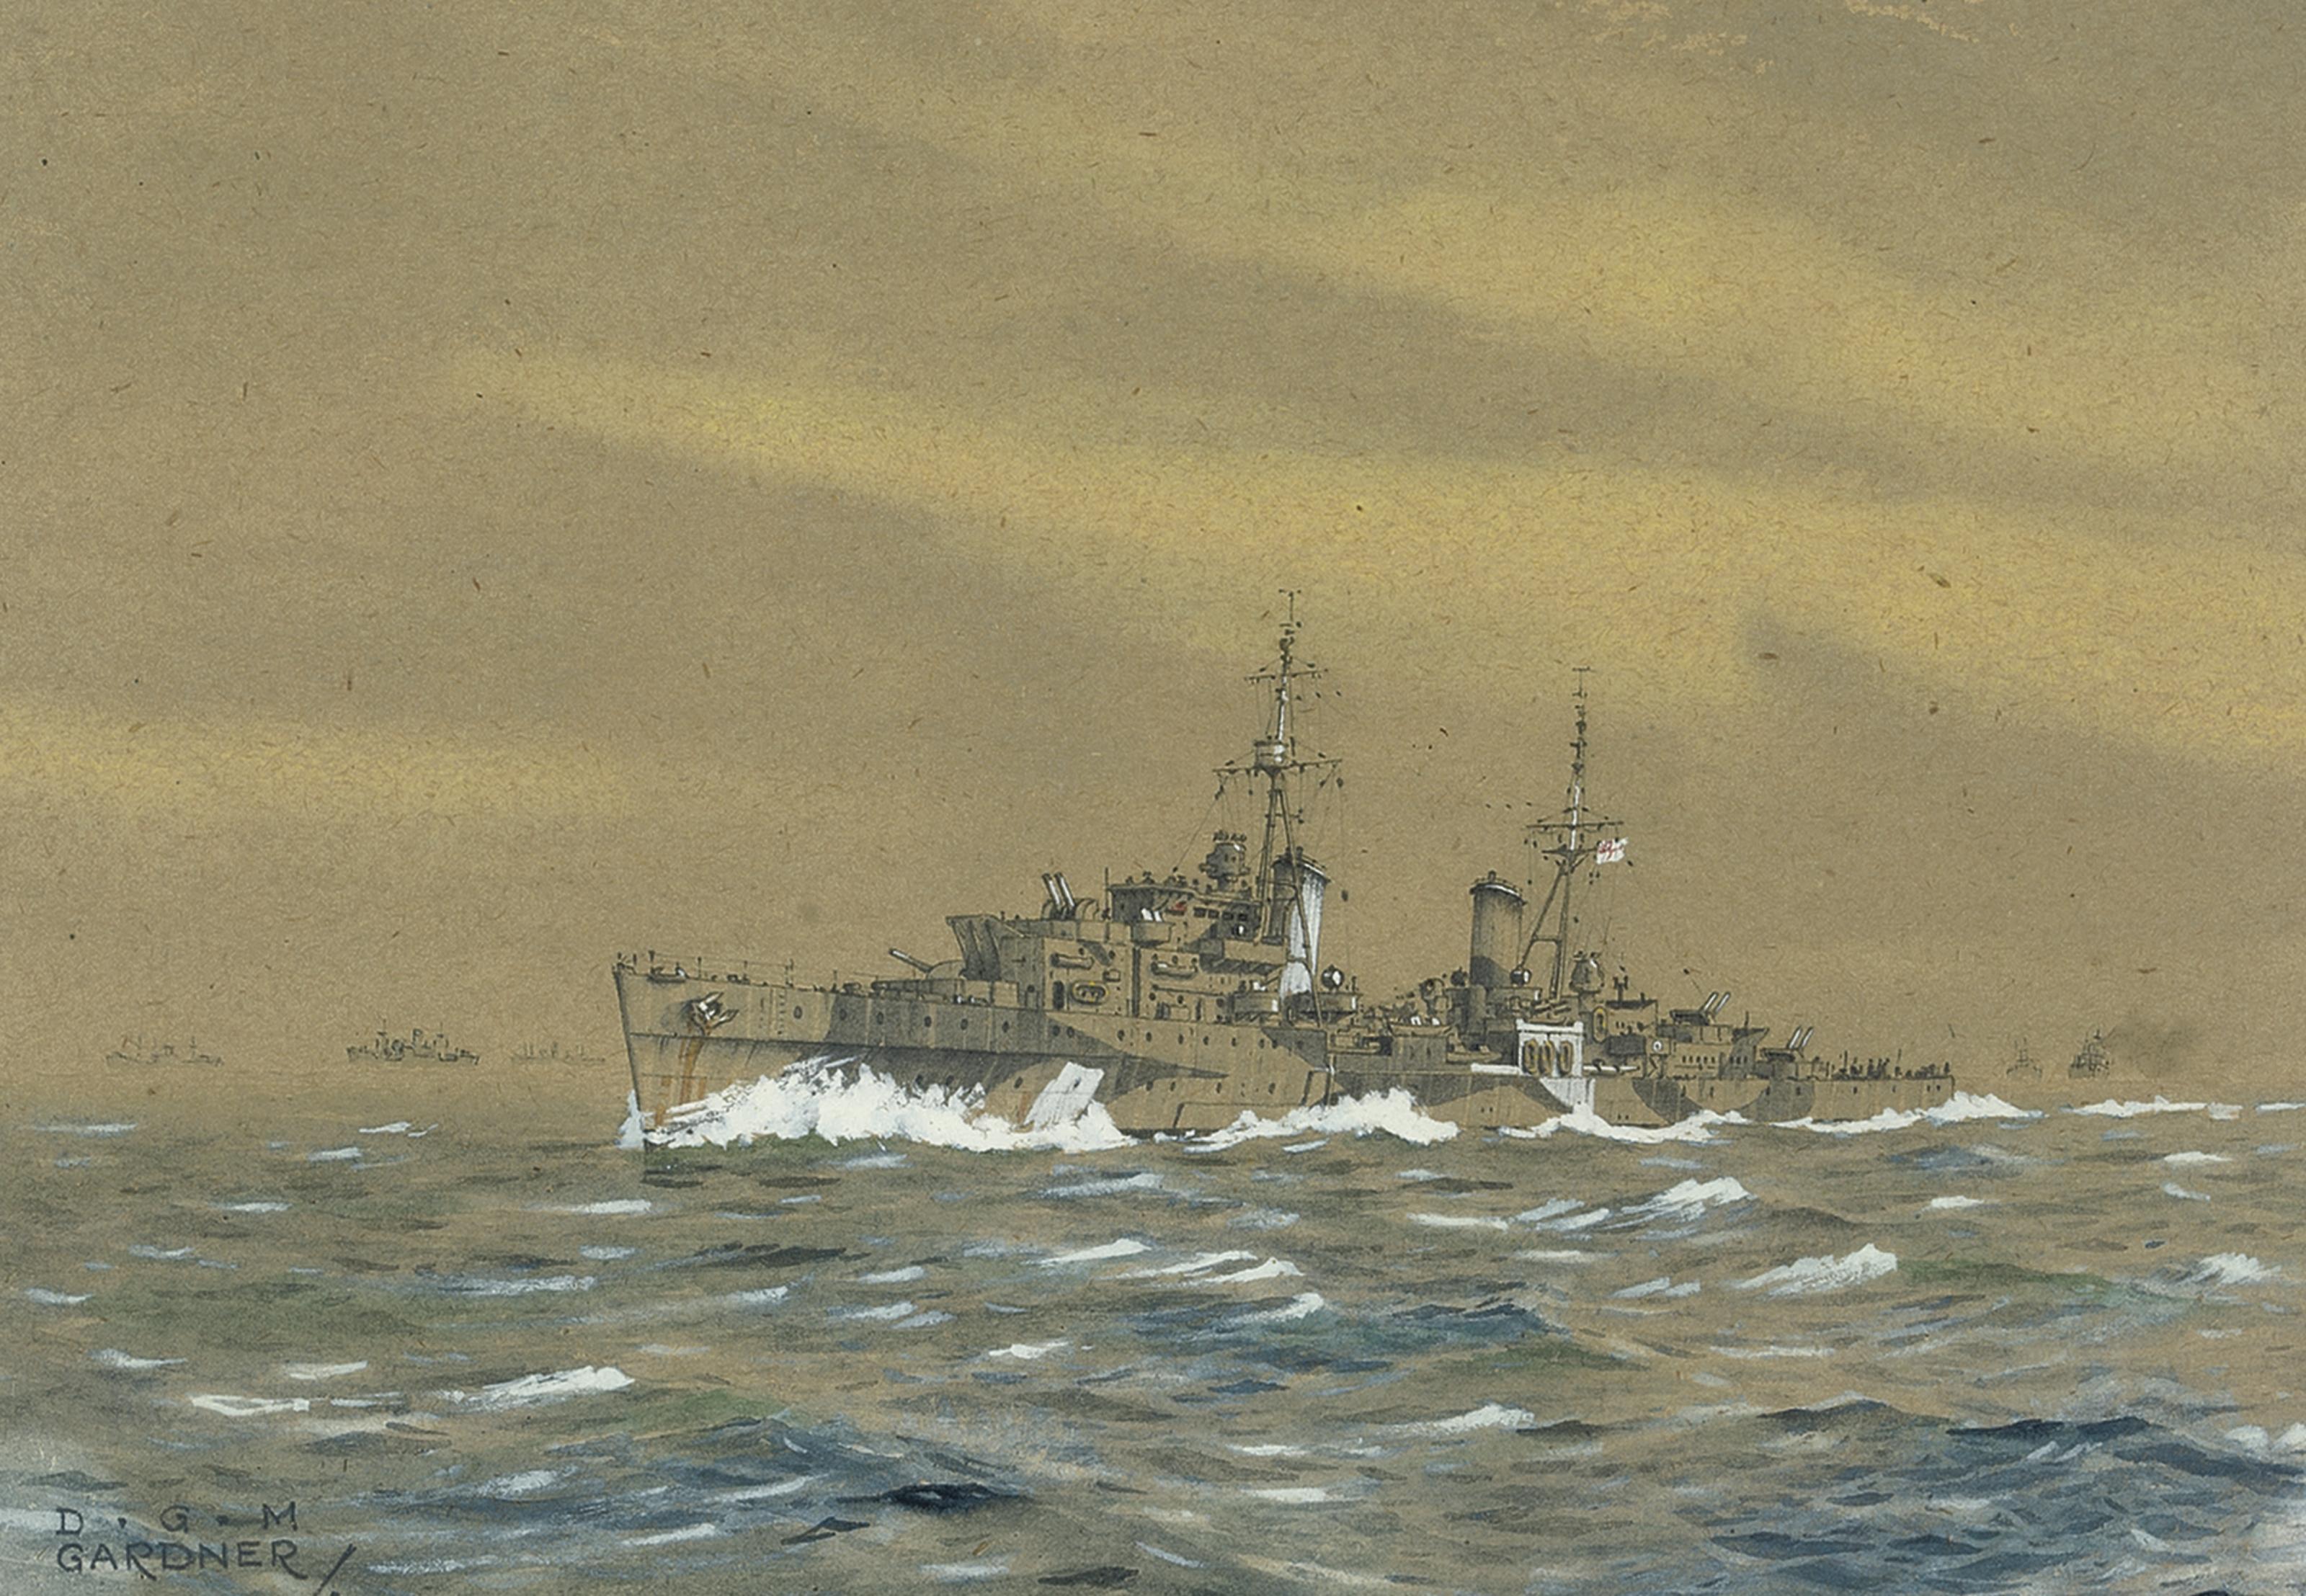 H.M.S. Elizabeth, 1942; H.M.S. Edinburgh, 1942; H.M.S. Scylla in the Arctic, 1943; H.M.S. Scylla, D-Day, 1944 (illustrated); H.M.S. Nairana in the Arctic, 1944; and H.M.S. Superb, 1945